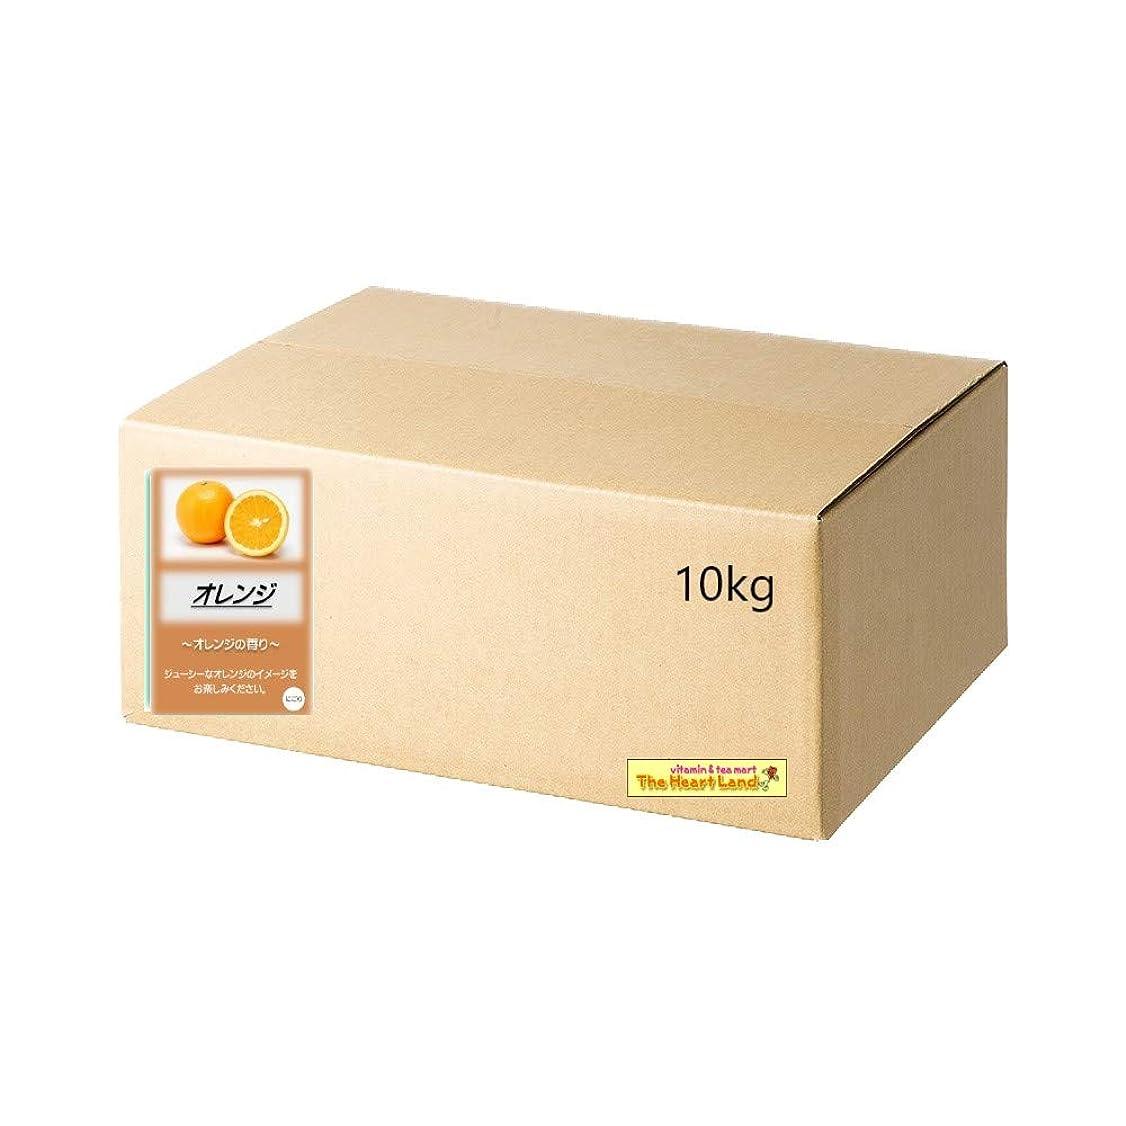 うねる寂しい些細なアサヒ入浴剤 浴用入浴化粧品 オレンジ 10kg